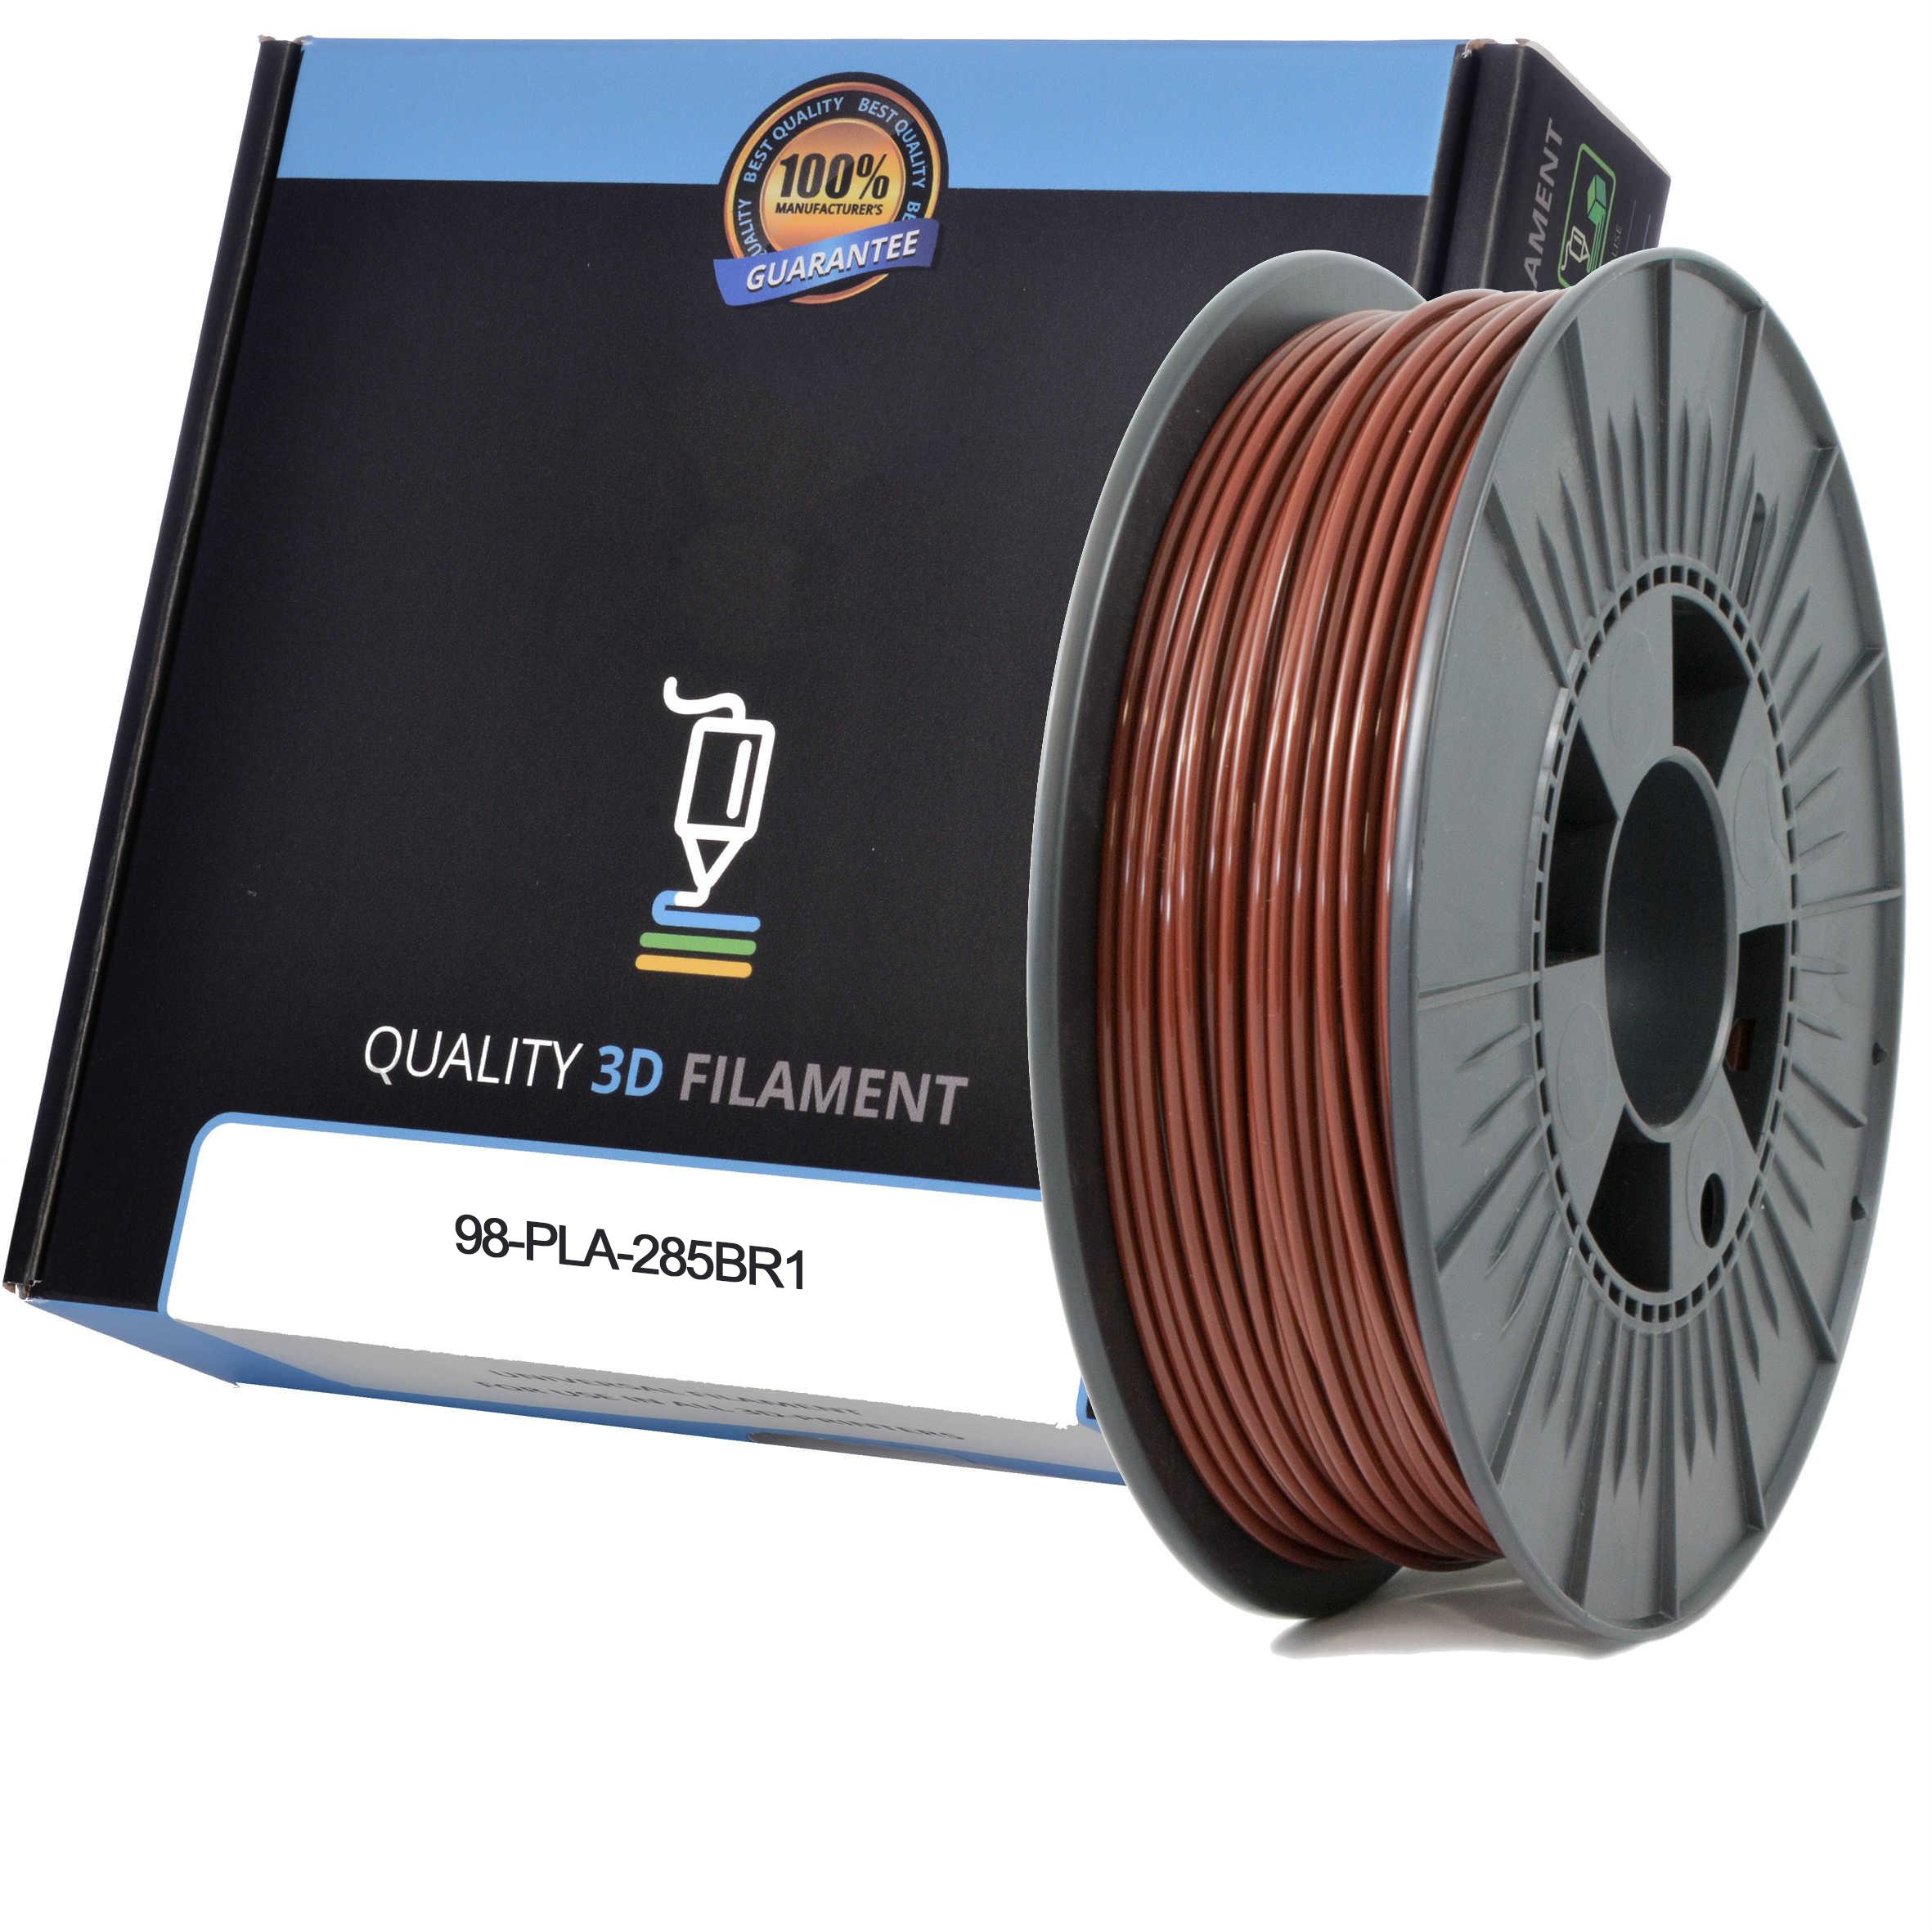 Premium Compatible PLA 2.85mm Brown 0.5kg 3D Filament (98-PLA-285BR1)